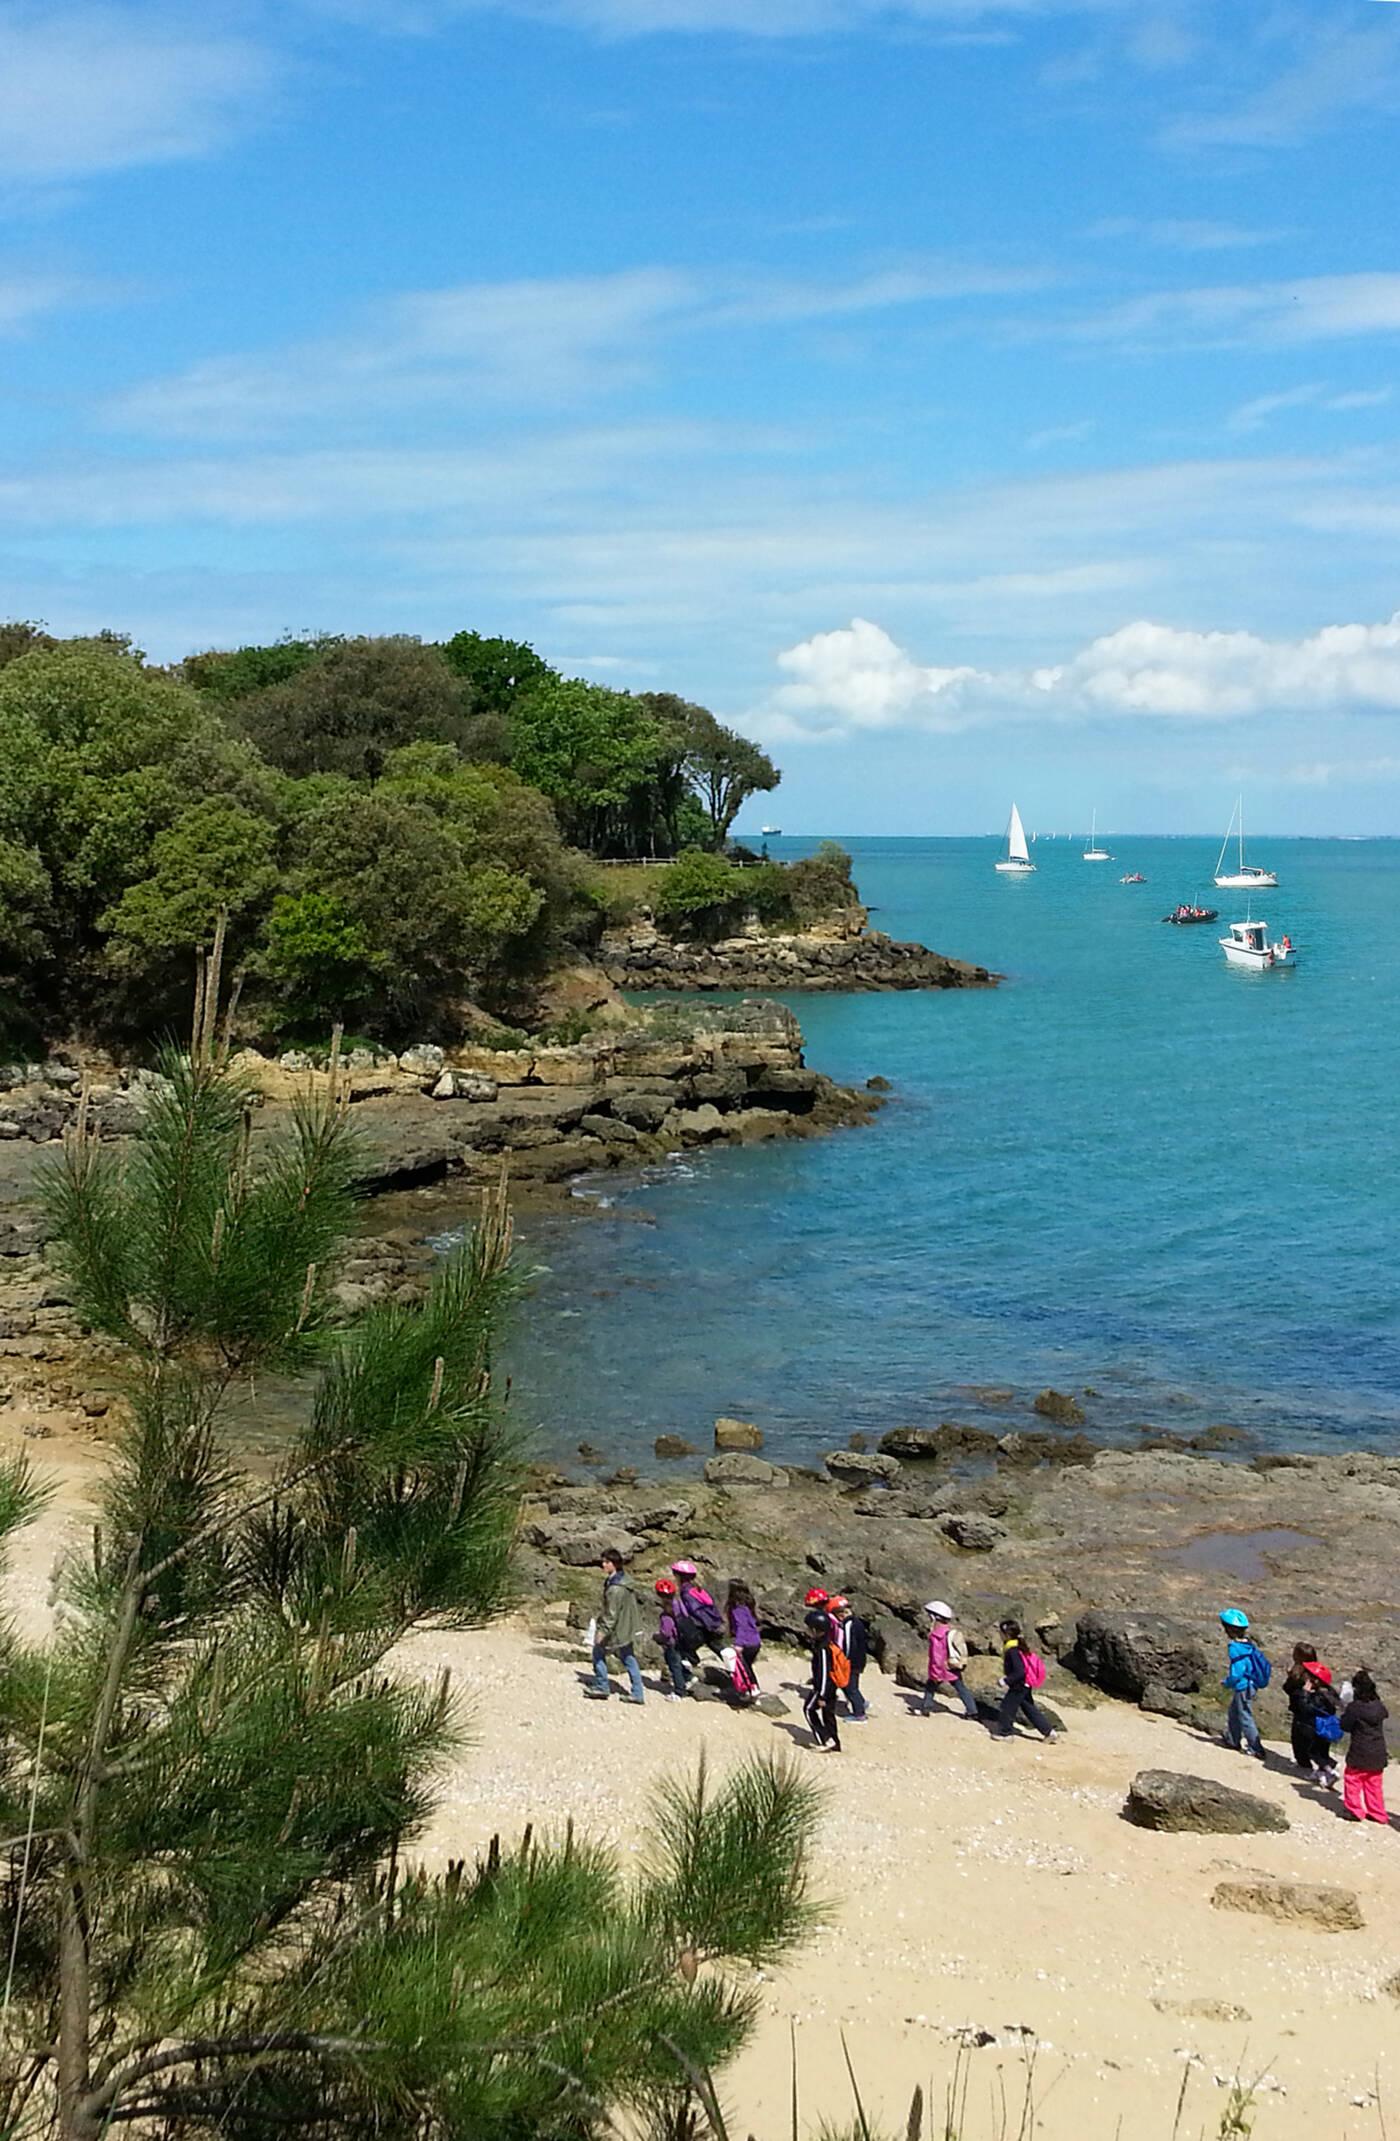 Les randonn es de l estuaire de la charente office de tourisme de rochefort oc an vacances - Office du tourisme de rochefort ...